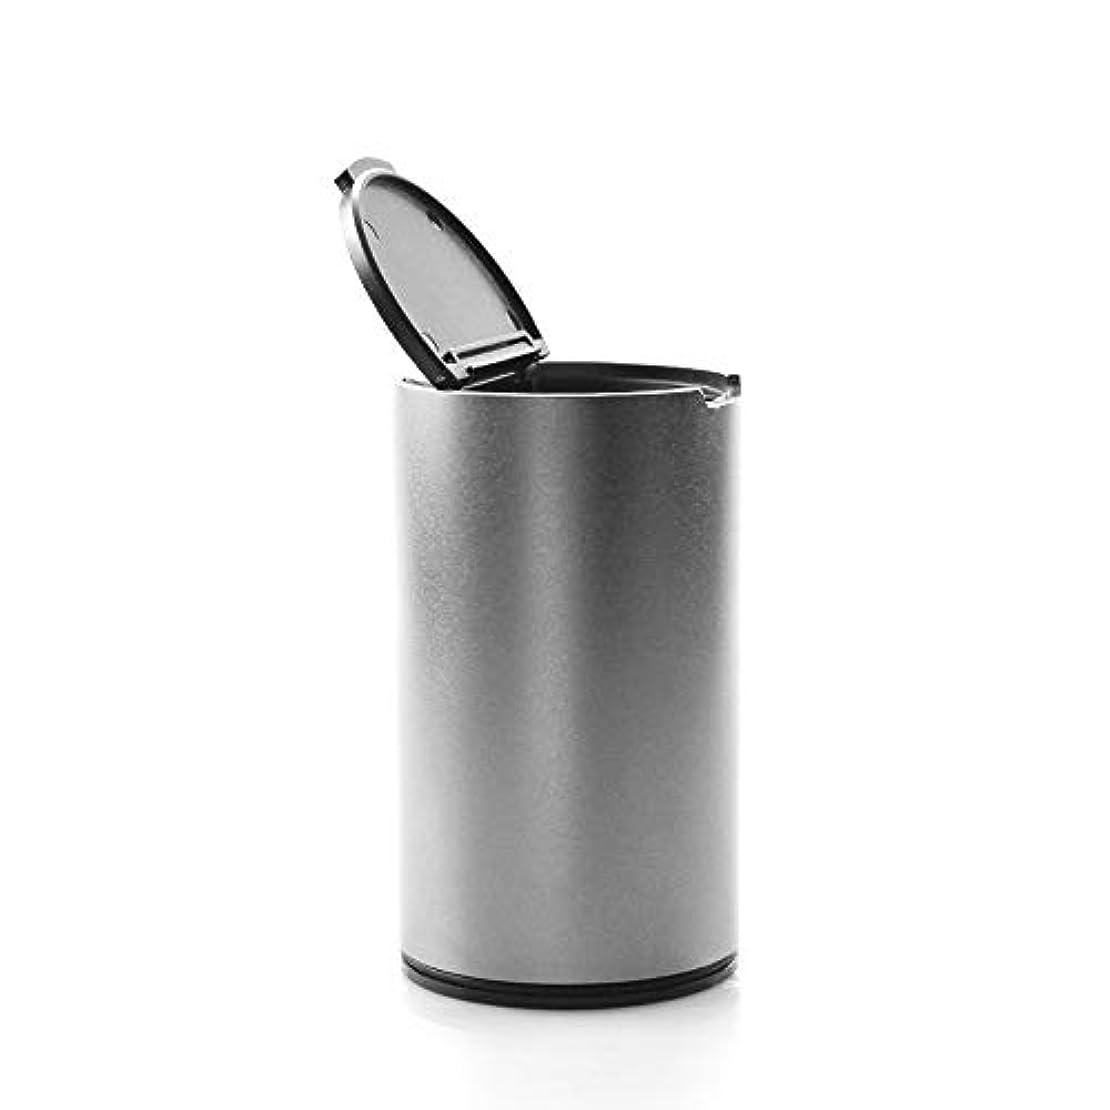 出会い平行性差別車の喫煙灰皿の裏表紙の中にある蓋が密閉された車の灰皿付きのミニ車の灰皿 (色 : 銀)